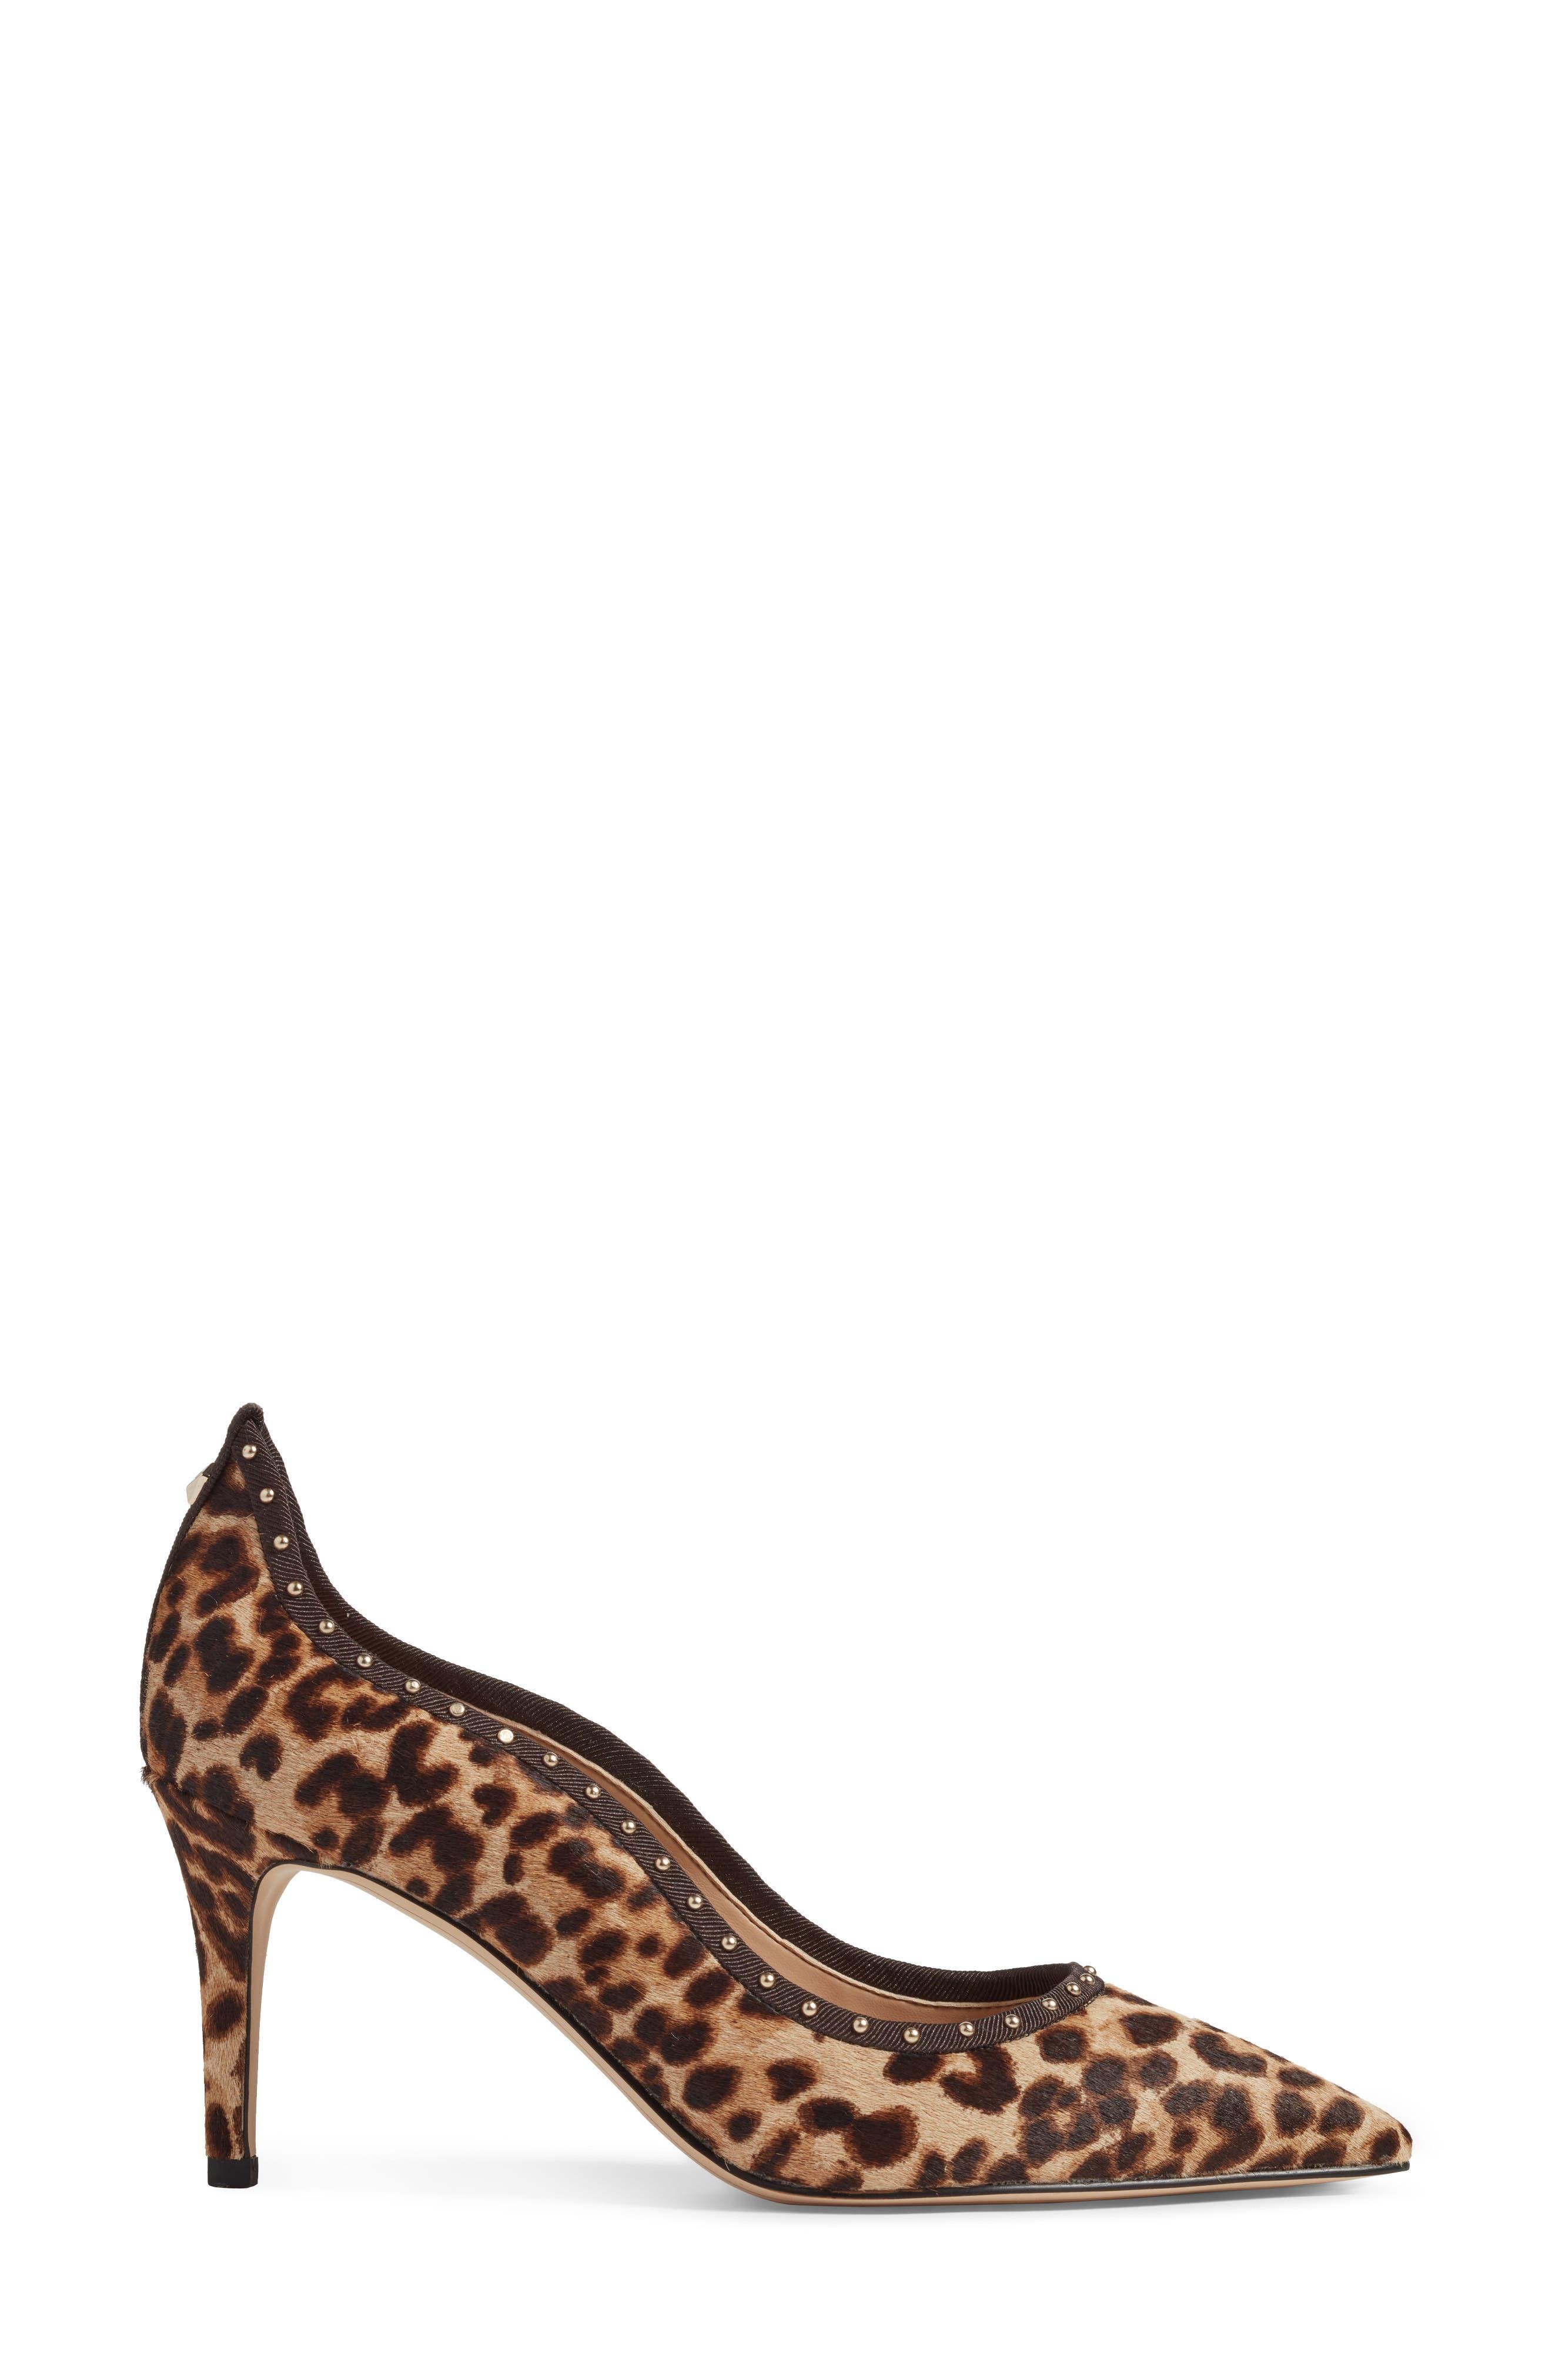 Tiana Genuine Calf Hair Pump,                             Alternate thumbnail 3, color,                             Leopard Print Calf Hair